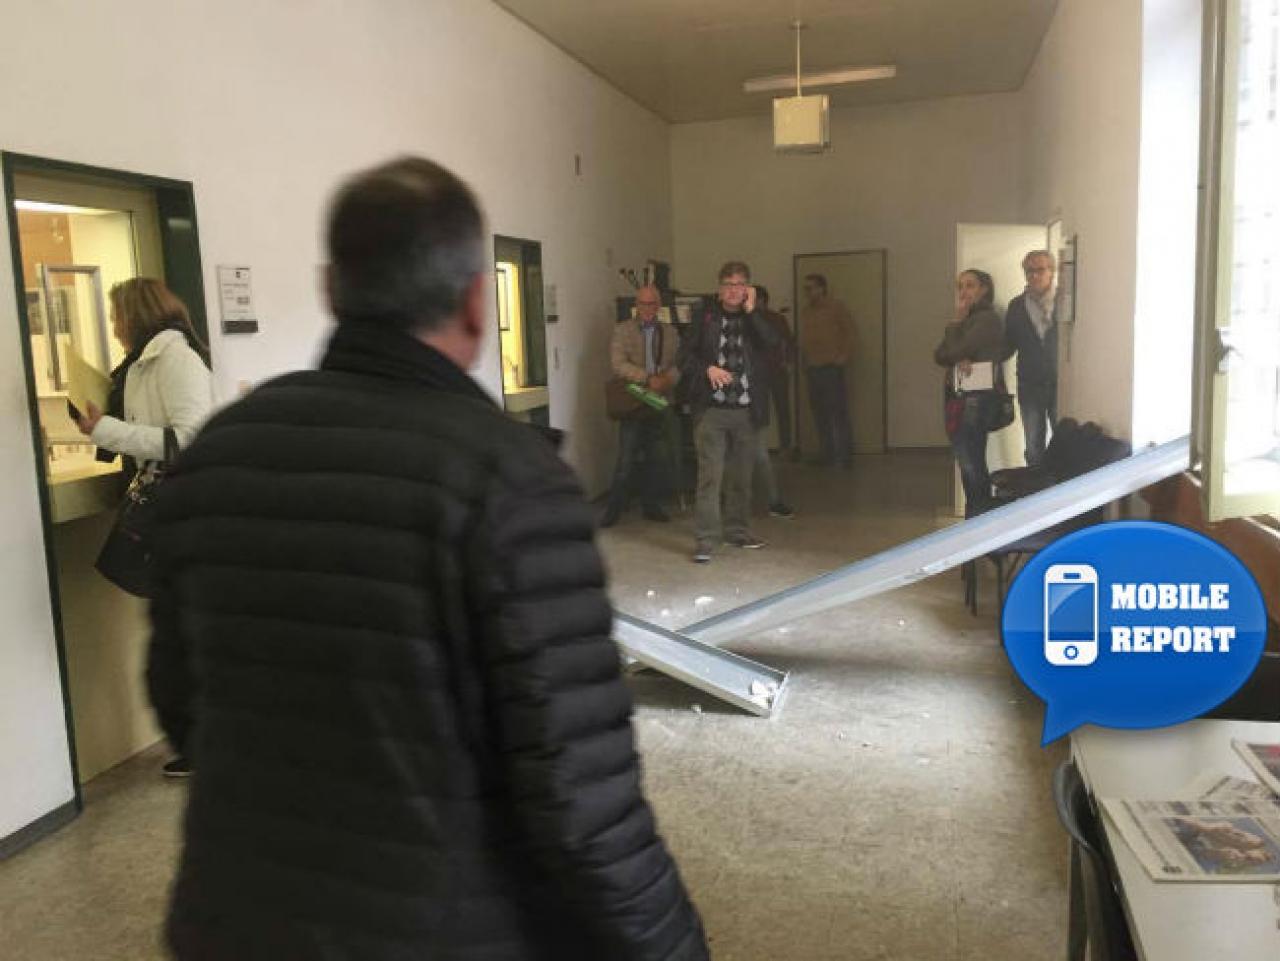 Ufficio Di Tassazione Di Locarno : Ticinonline crolla parte del soffitto allufficio stranieri